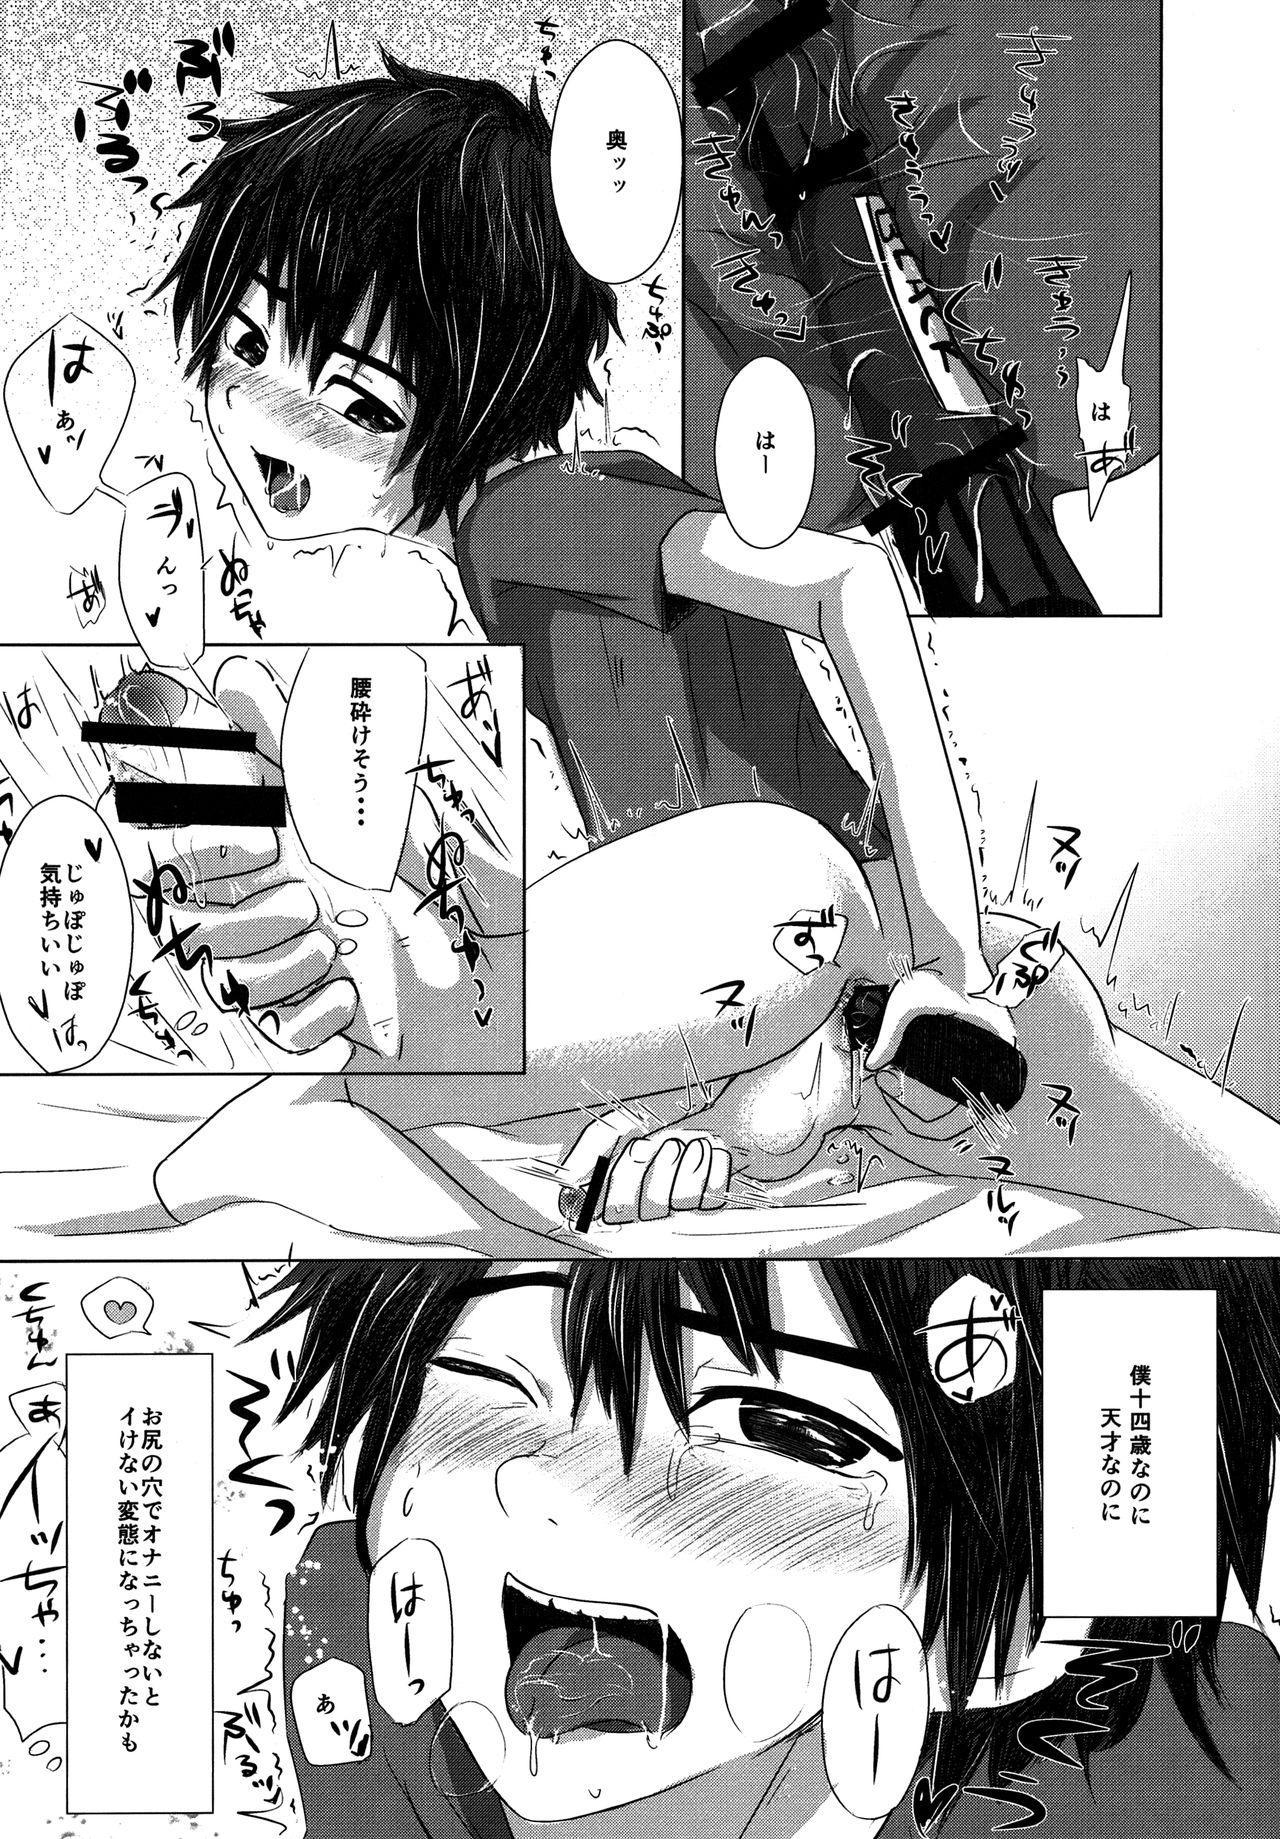 Hitori De Dekiru Mon 3